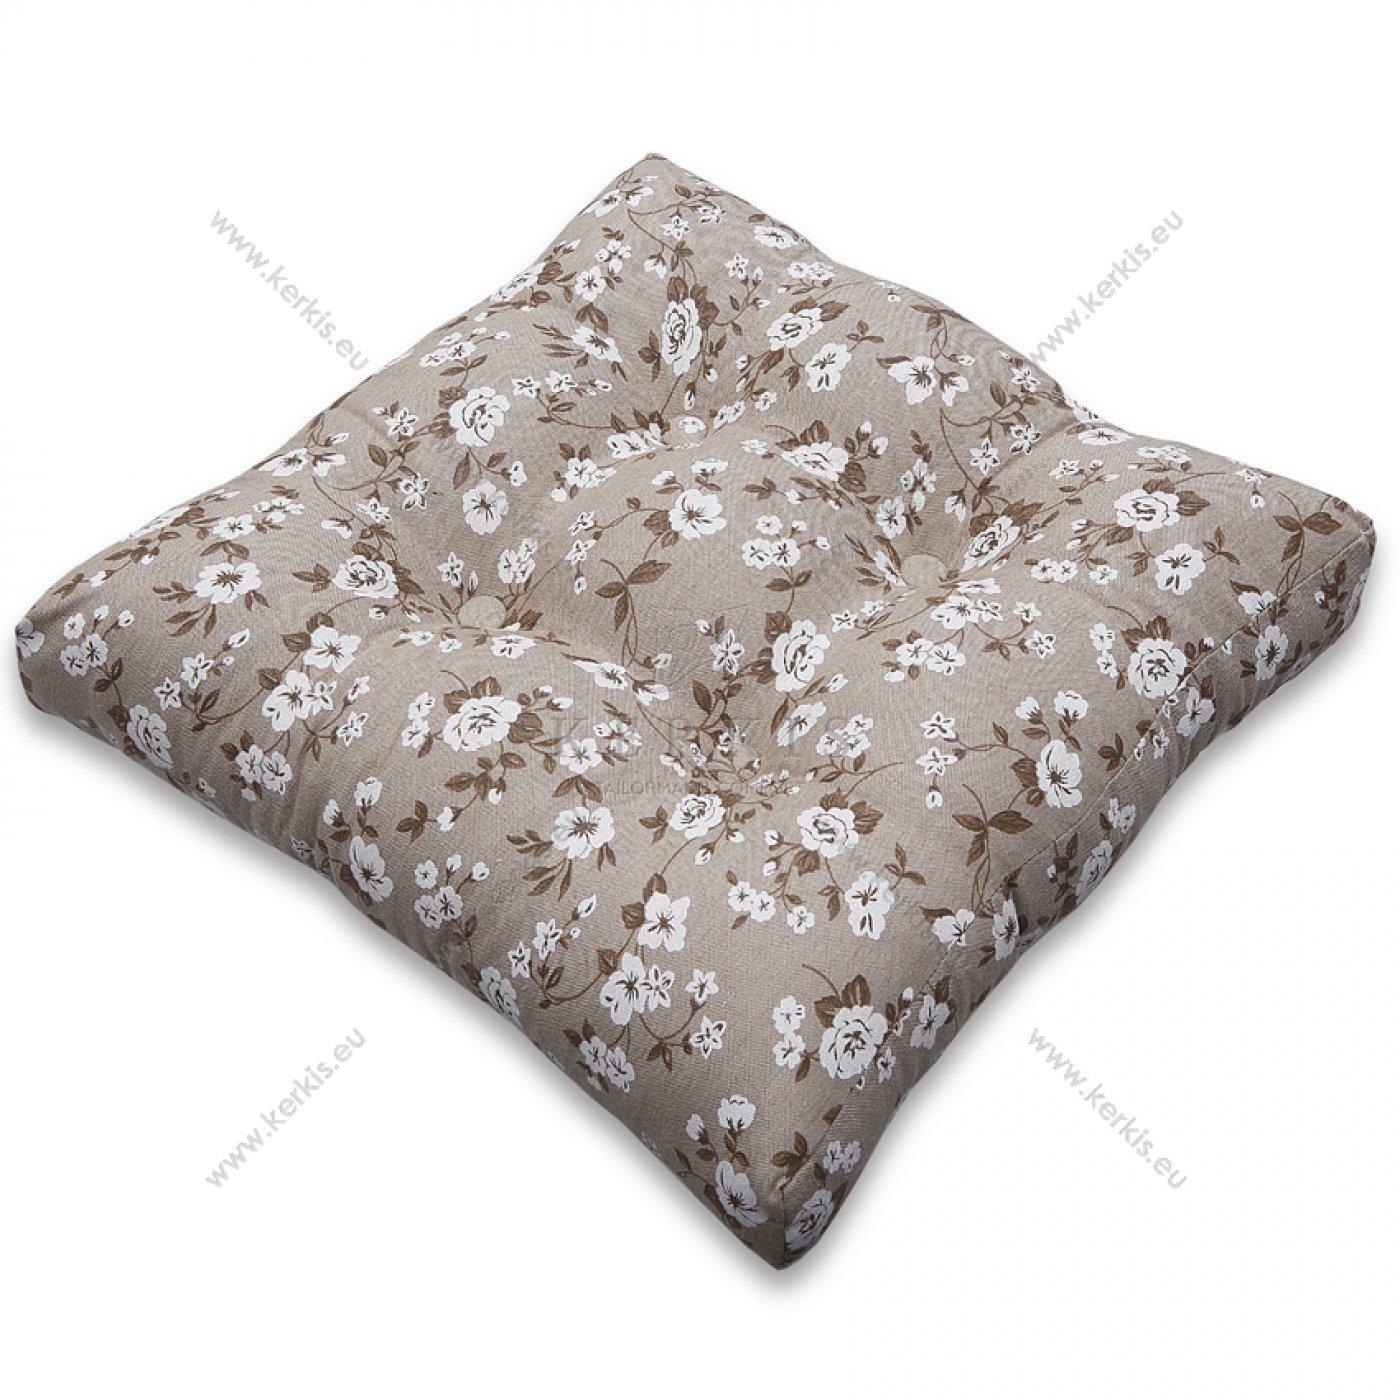 Μαξιλάρι με διακοσμητικά κουμπιά με λουλούδια